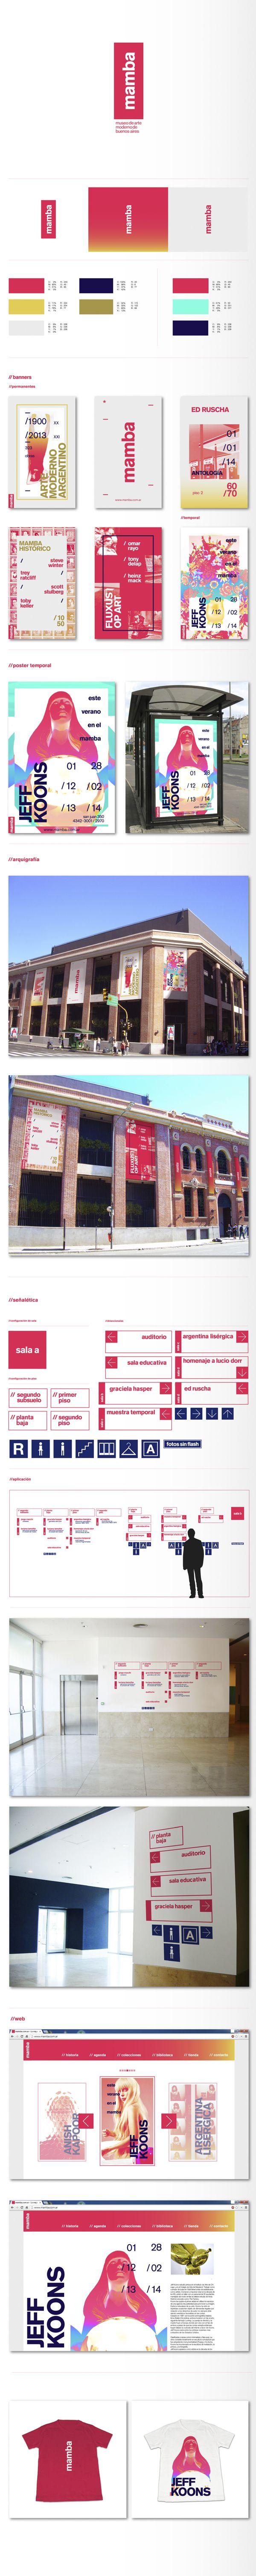 Museo de Arte Moderno de Buenos Aires | Identidad by Martin Pignataro, via…